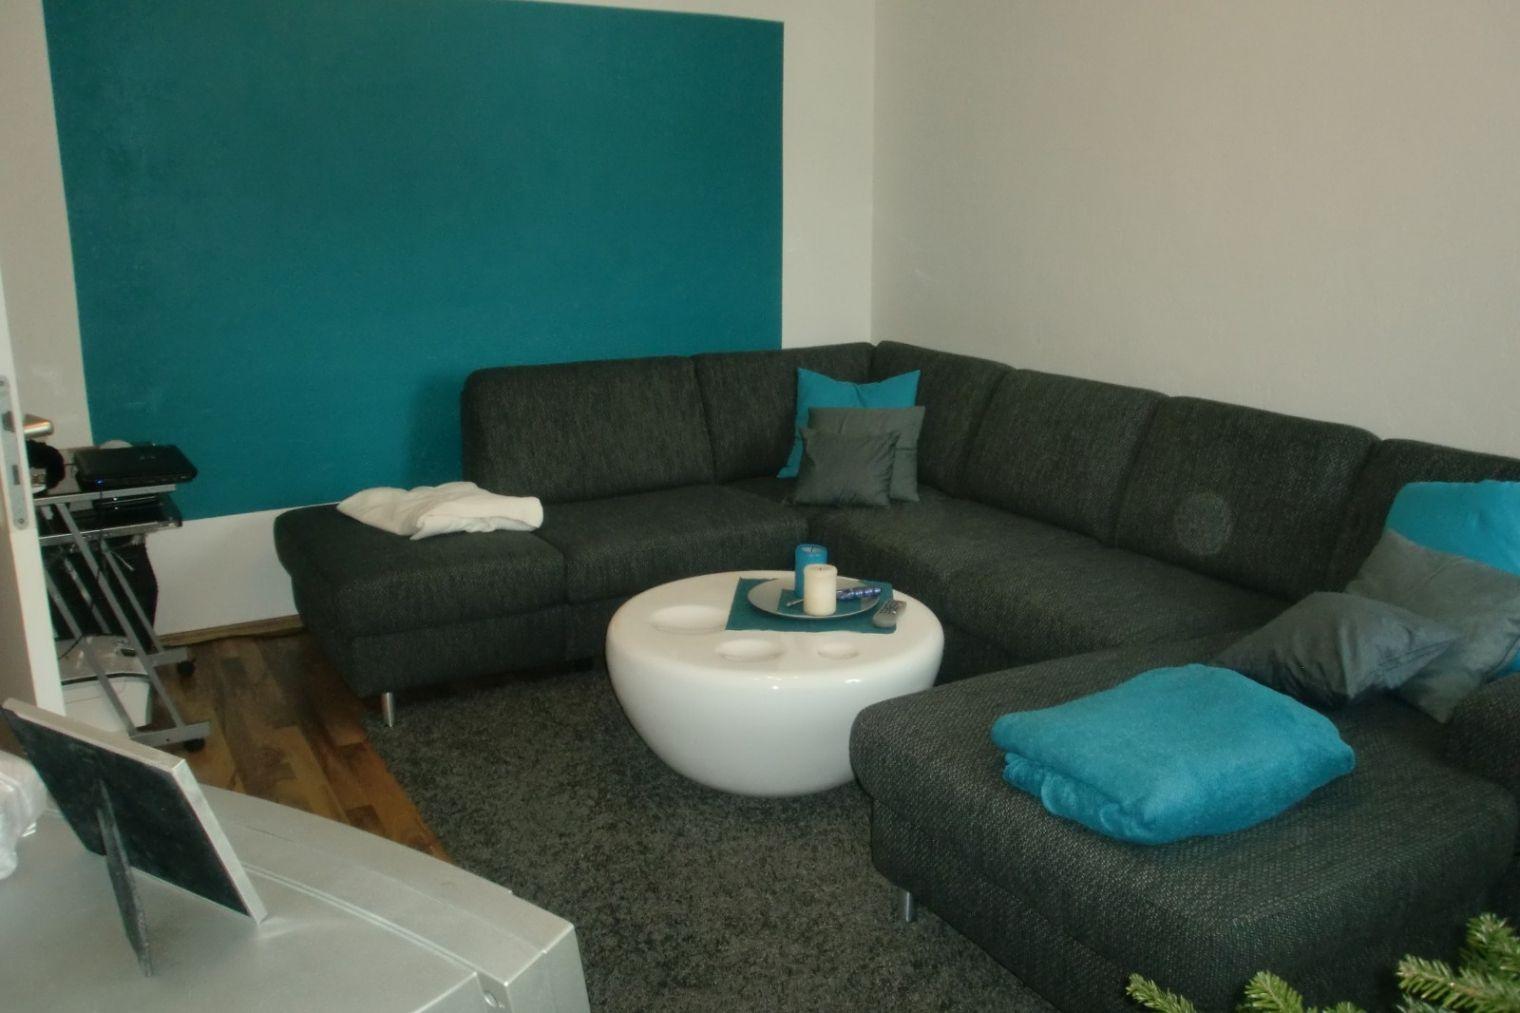 Wunderschöne Wohnzimmer Deko Grau Türkis Wohnzimmer Couch Pinterest . Wohnzimmer  Grau ...